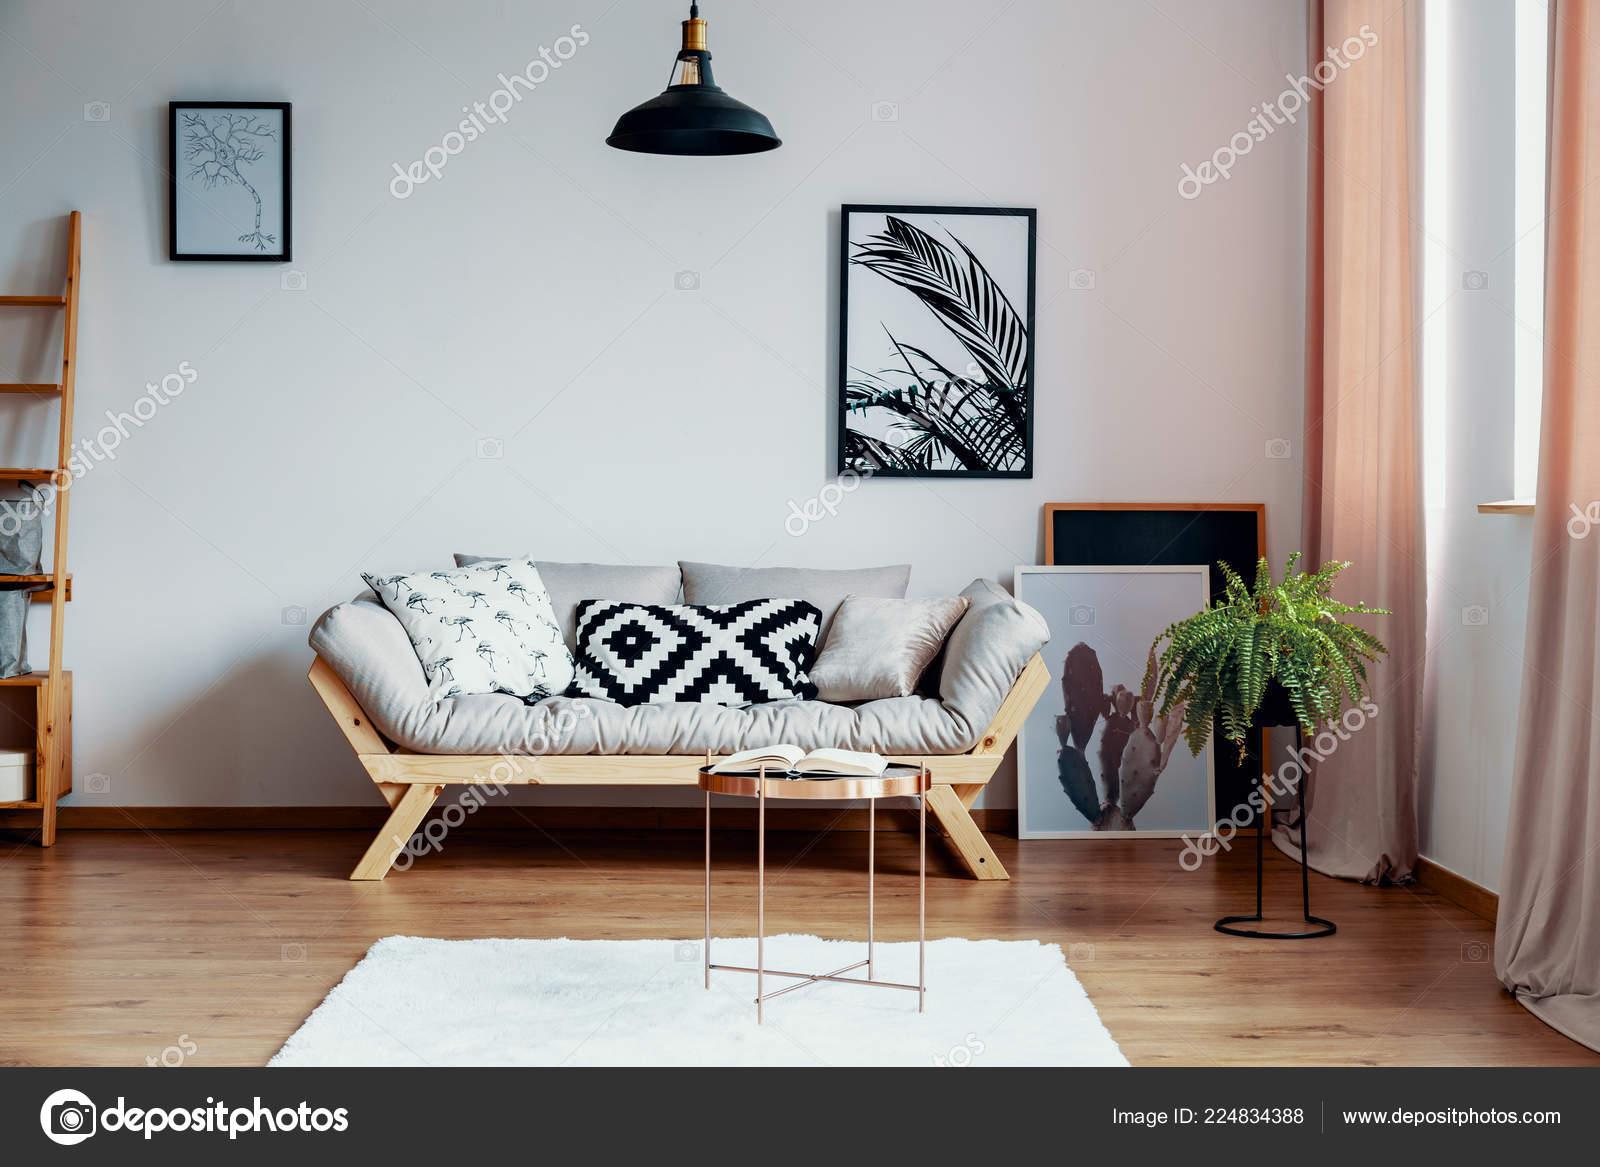 Motifs Coussin Noir Blanc Sur Beige Canapé Scandinave Dans